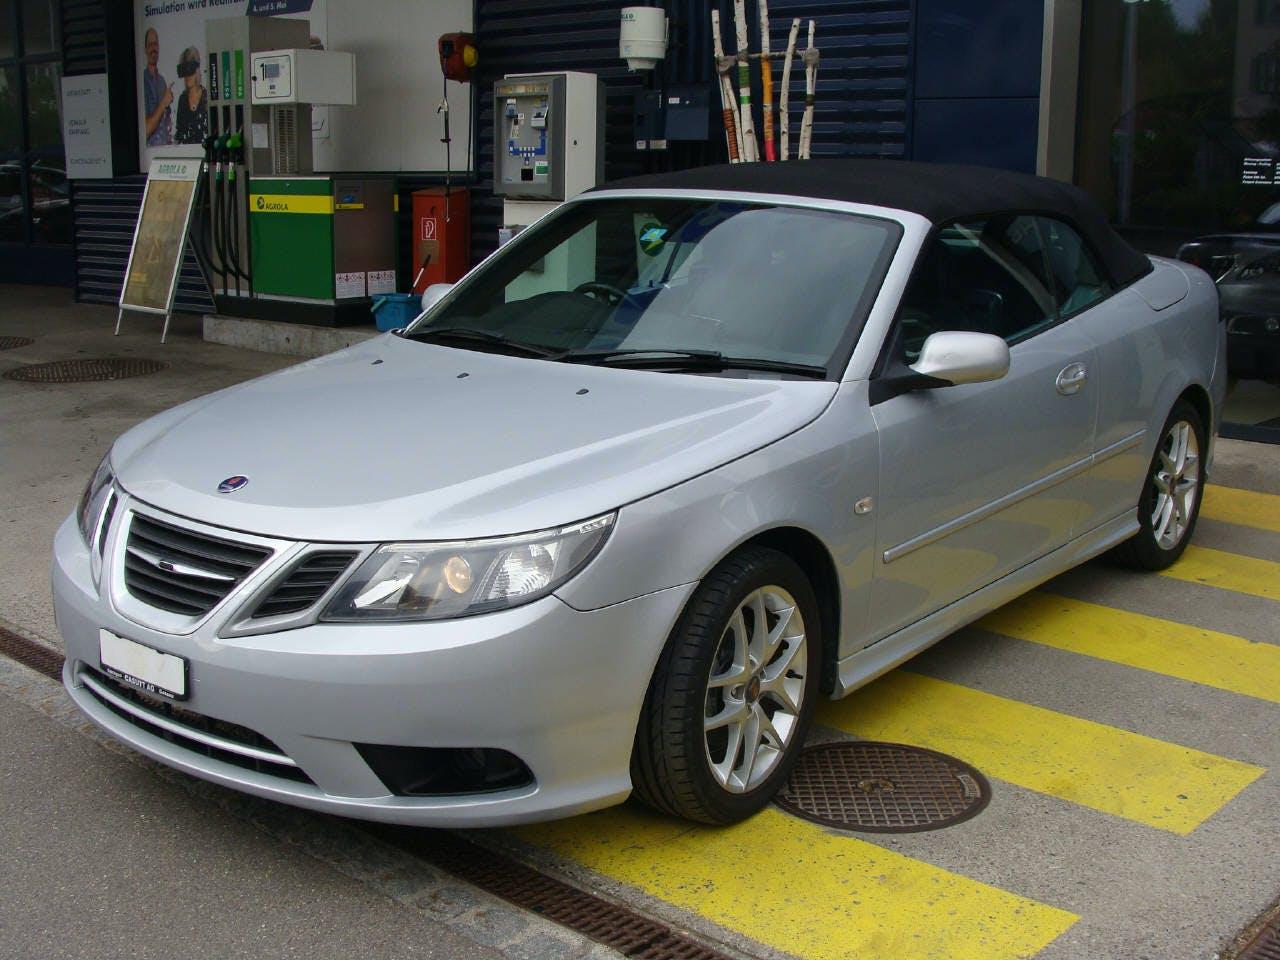 cabriolet Saab 9-3 Cabriolet 2.0 Vector Sport